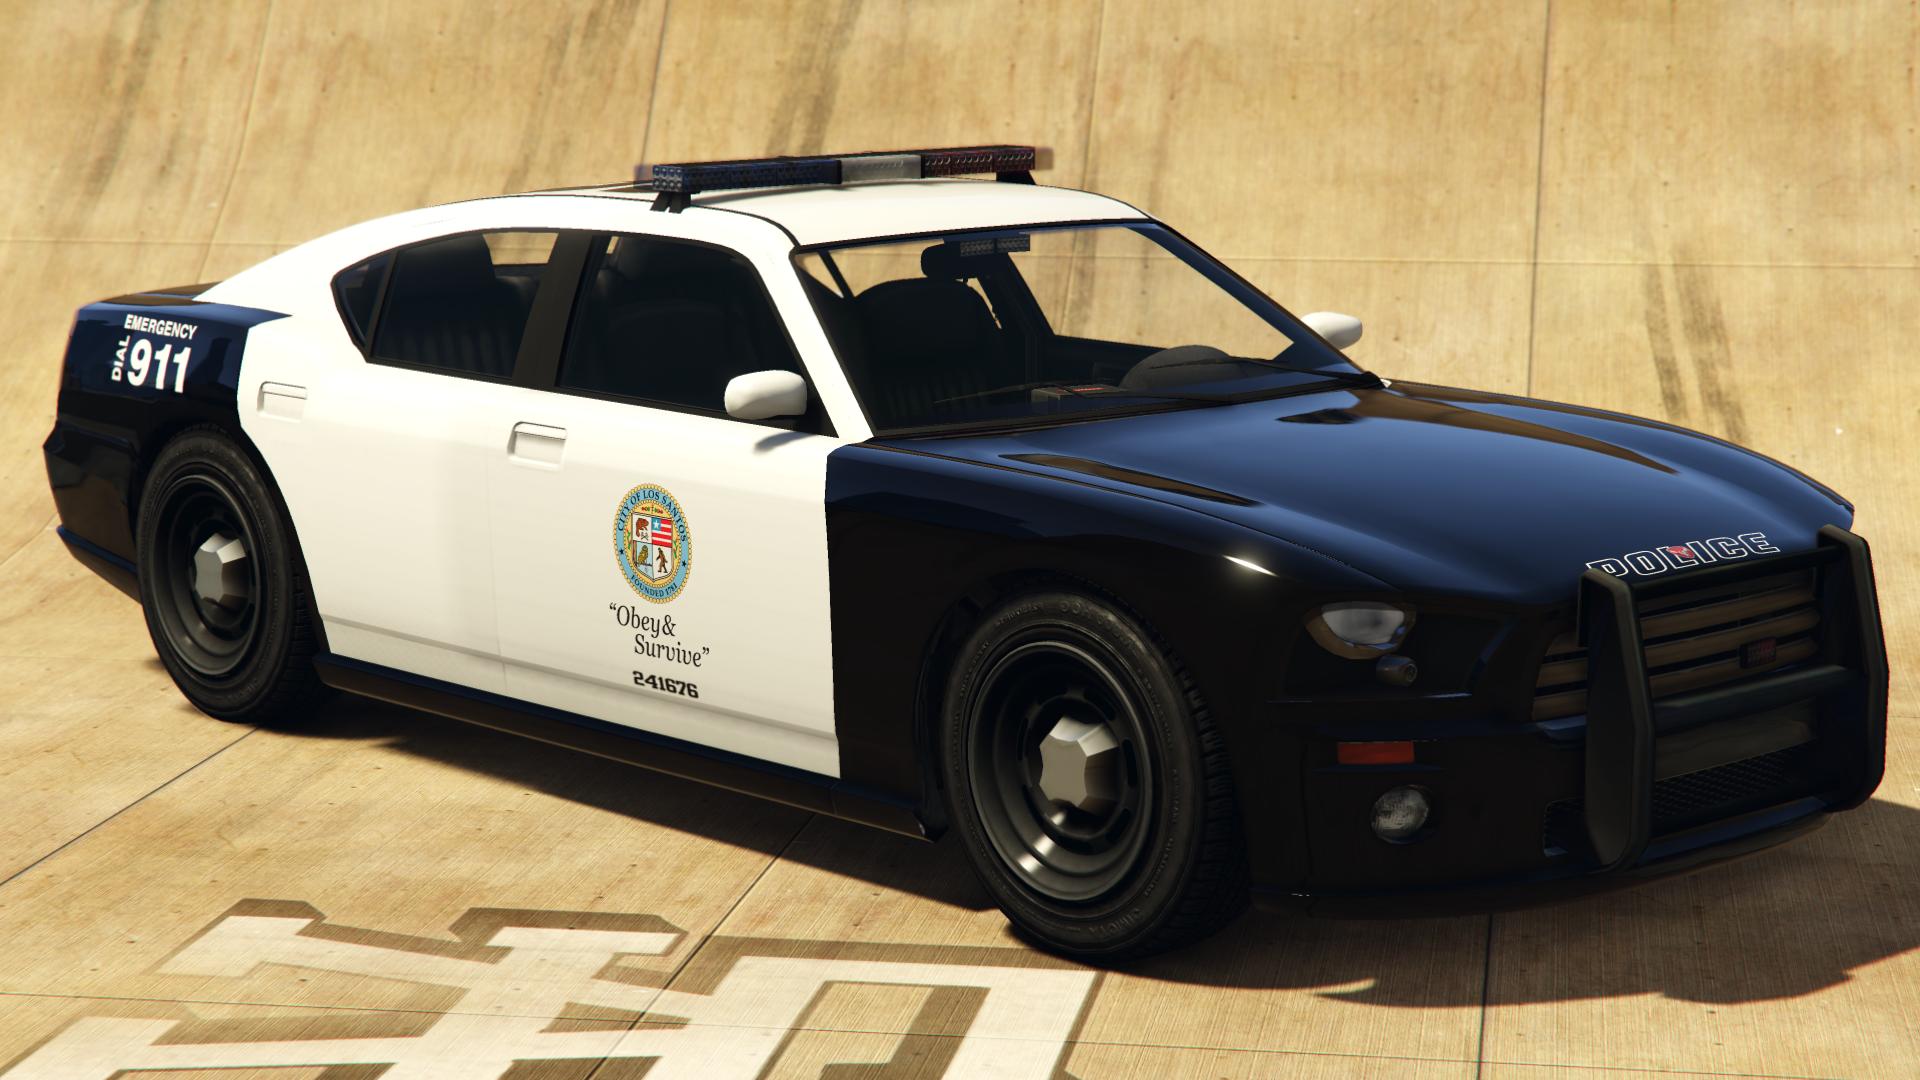 Police Cruiser   GTA Wiki   FANDOM powered by Wikia